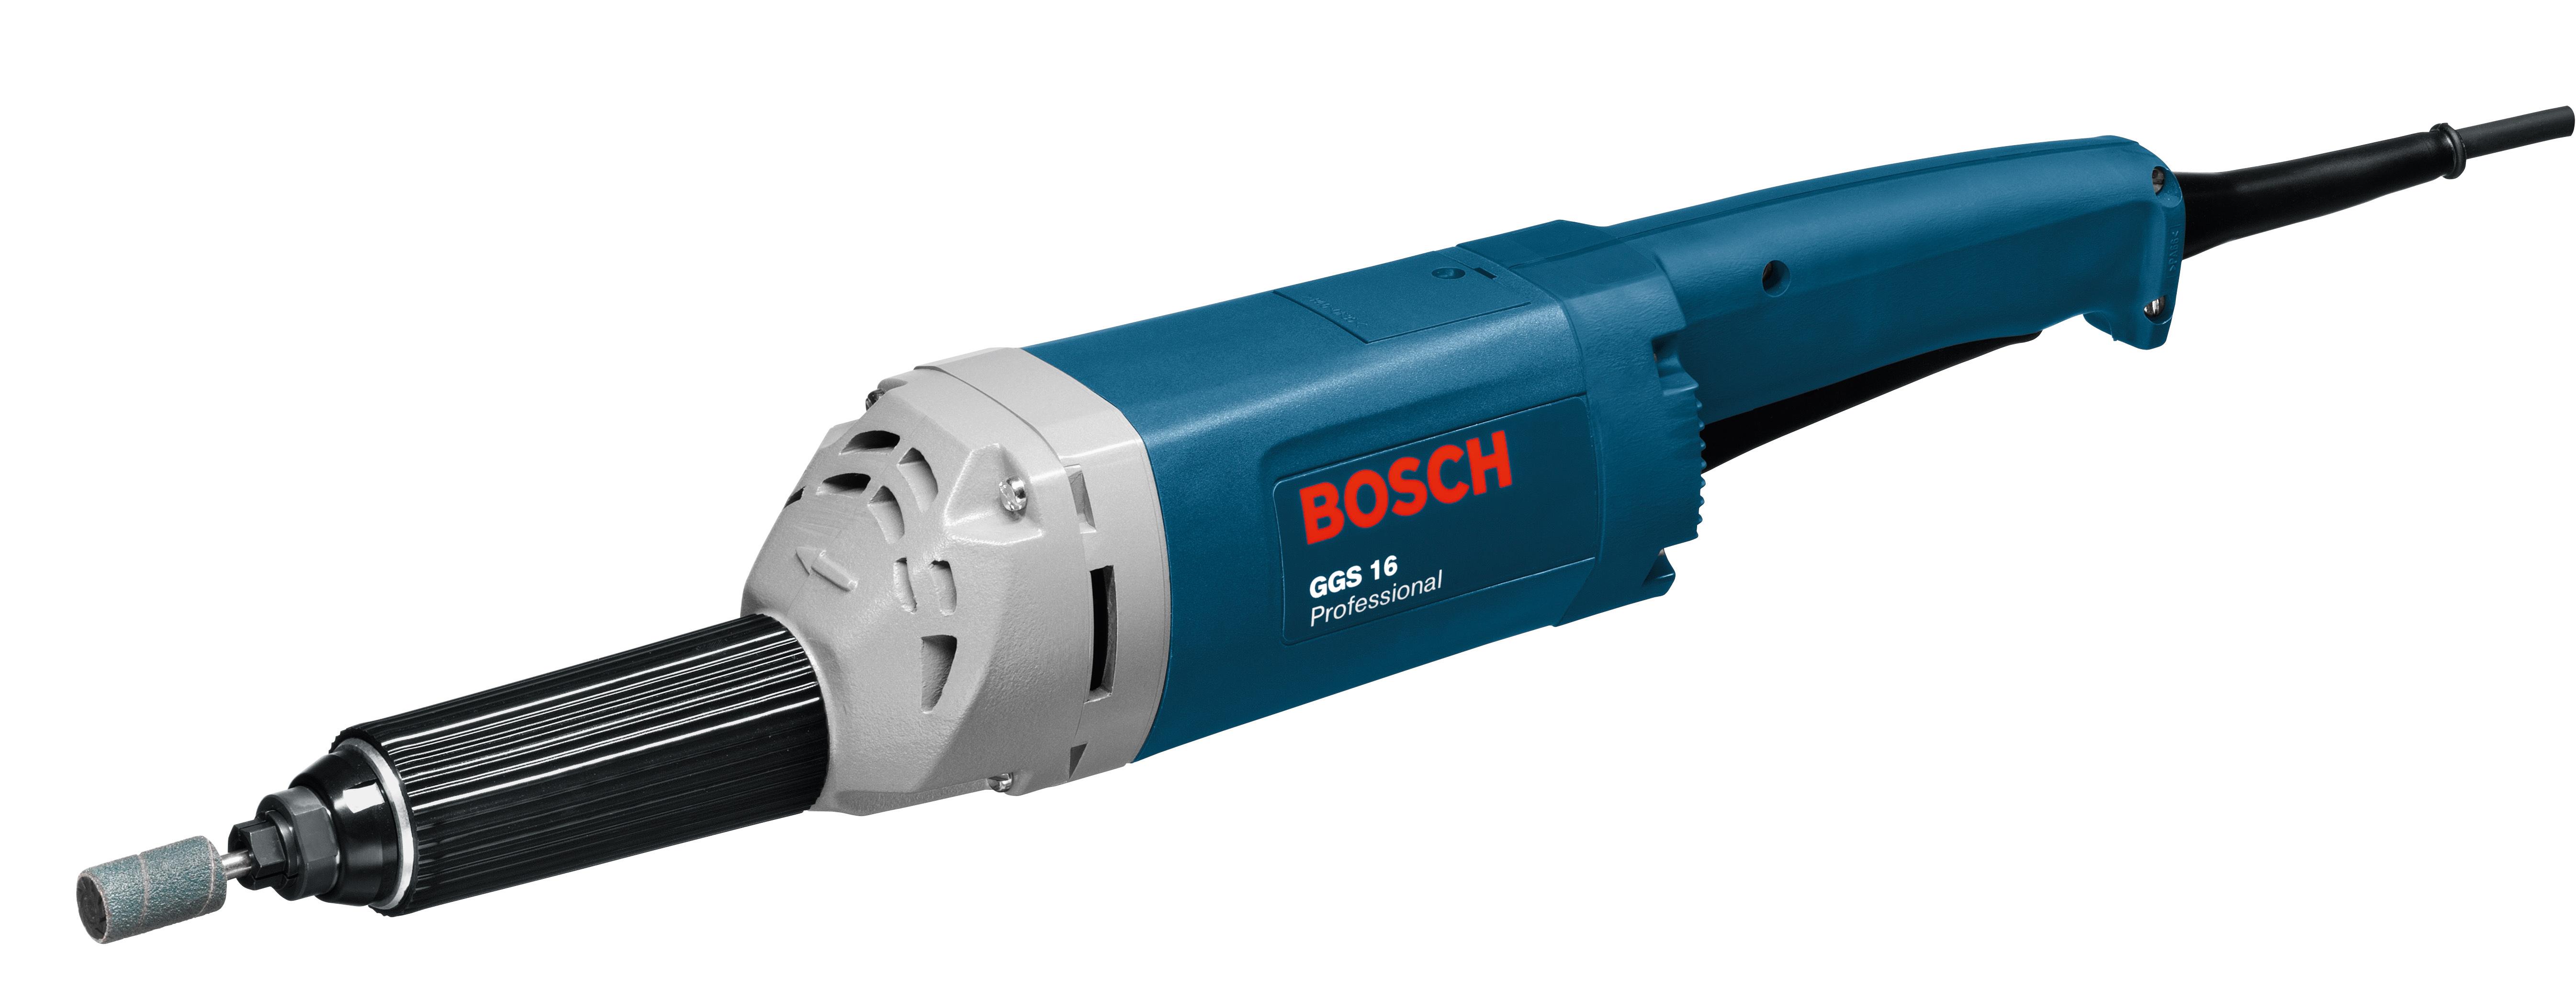 Машинка шлифовальная прямая Bosch Ggs 16 (0.601.209.103) шлифовальная машина bosch ggs 28 lc professional